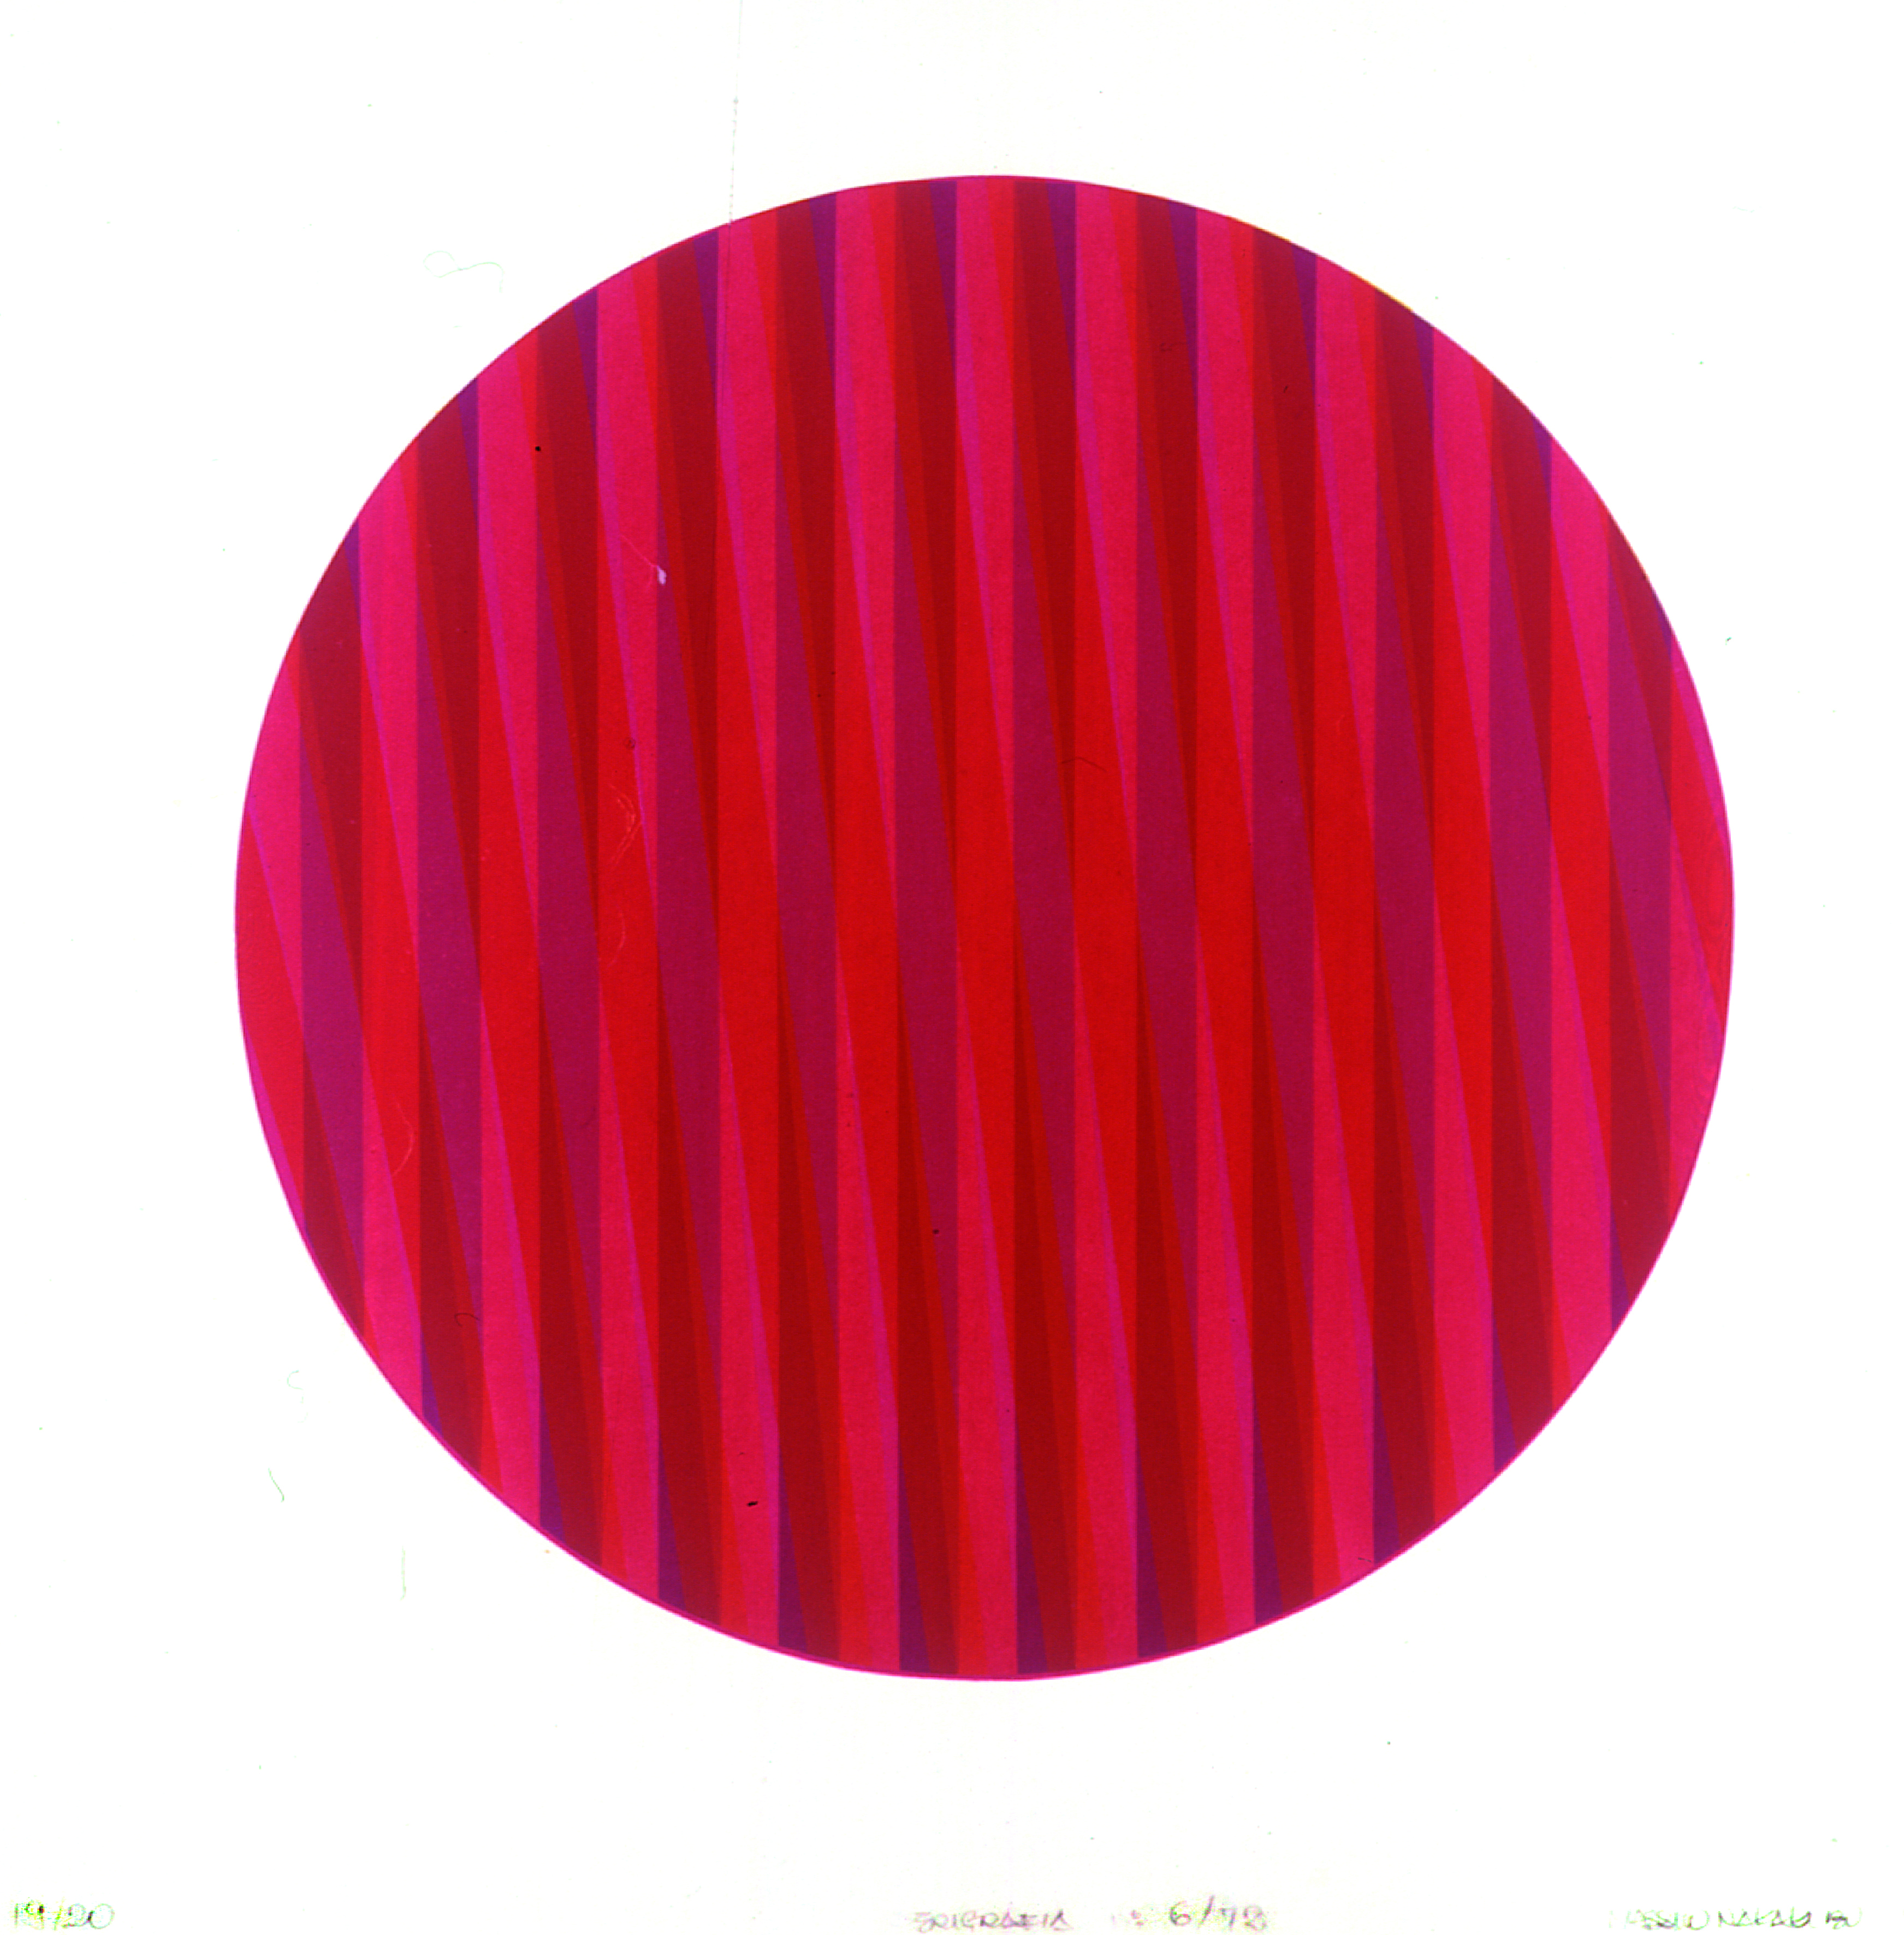 Composição Circular número 6/72 Autor: Massuo Nakakubo Ano: 1972  Técnica: Serigrafia  Dimensões: 50cm x 50cm